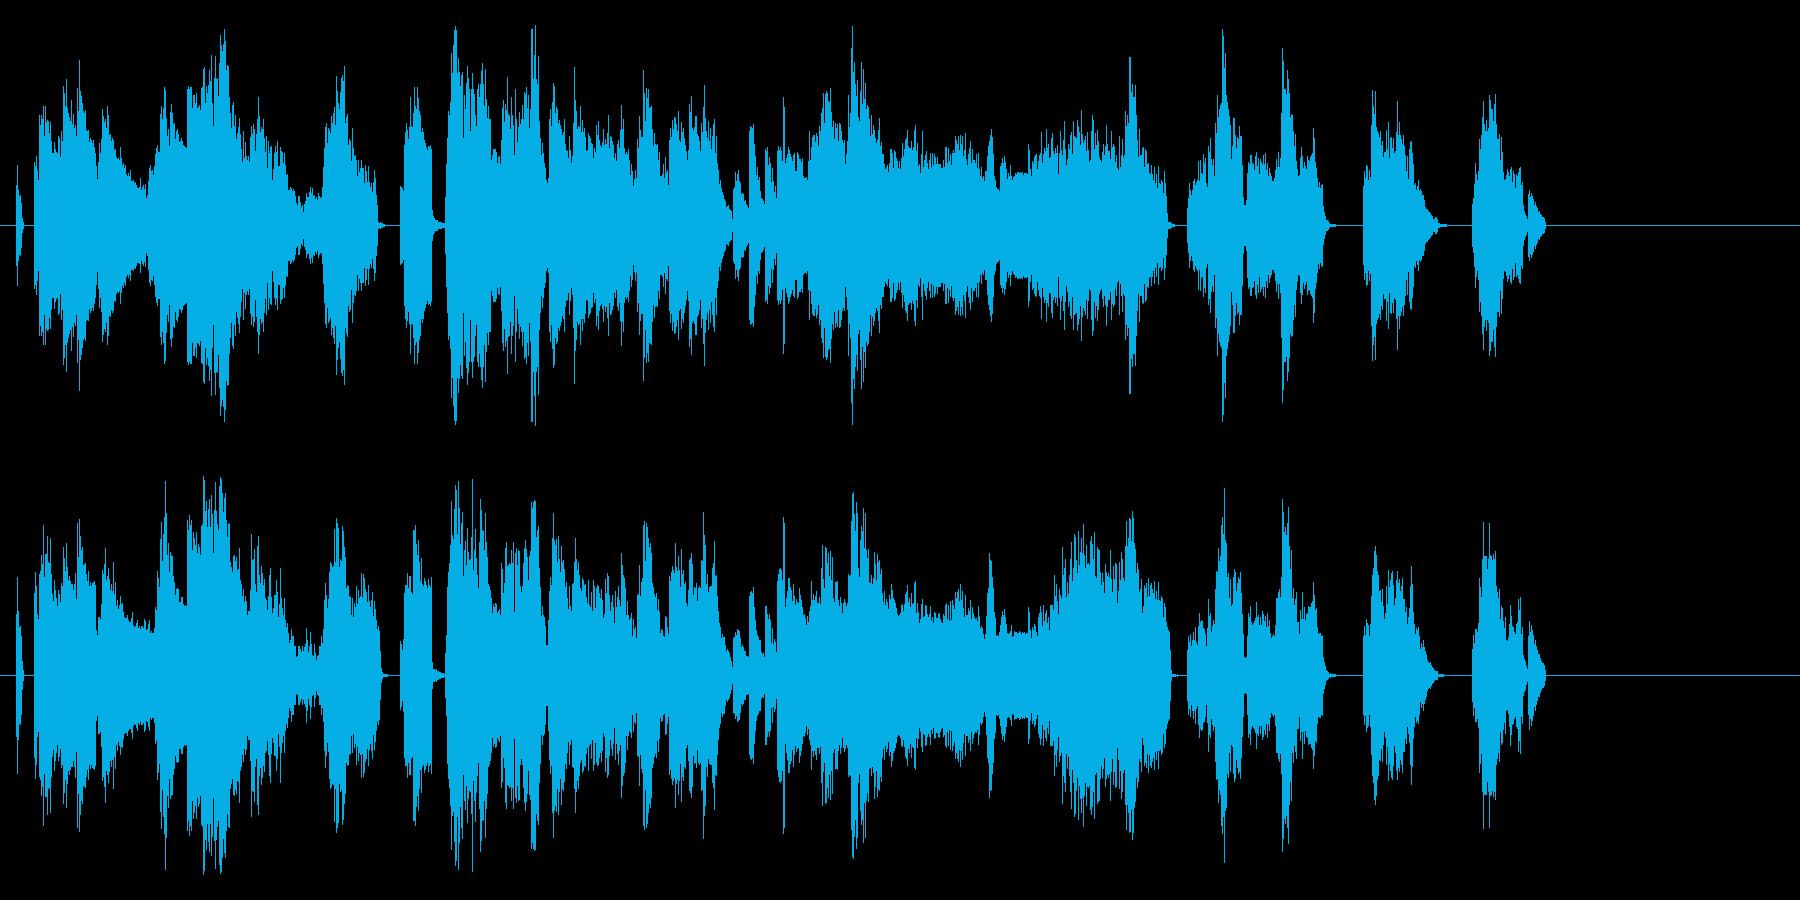 工場、工事っぽい機械音の再生済みの波形